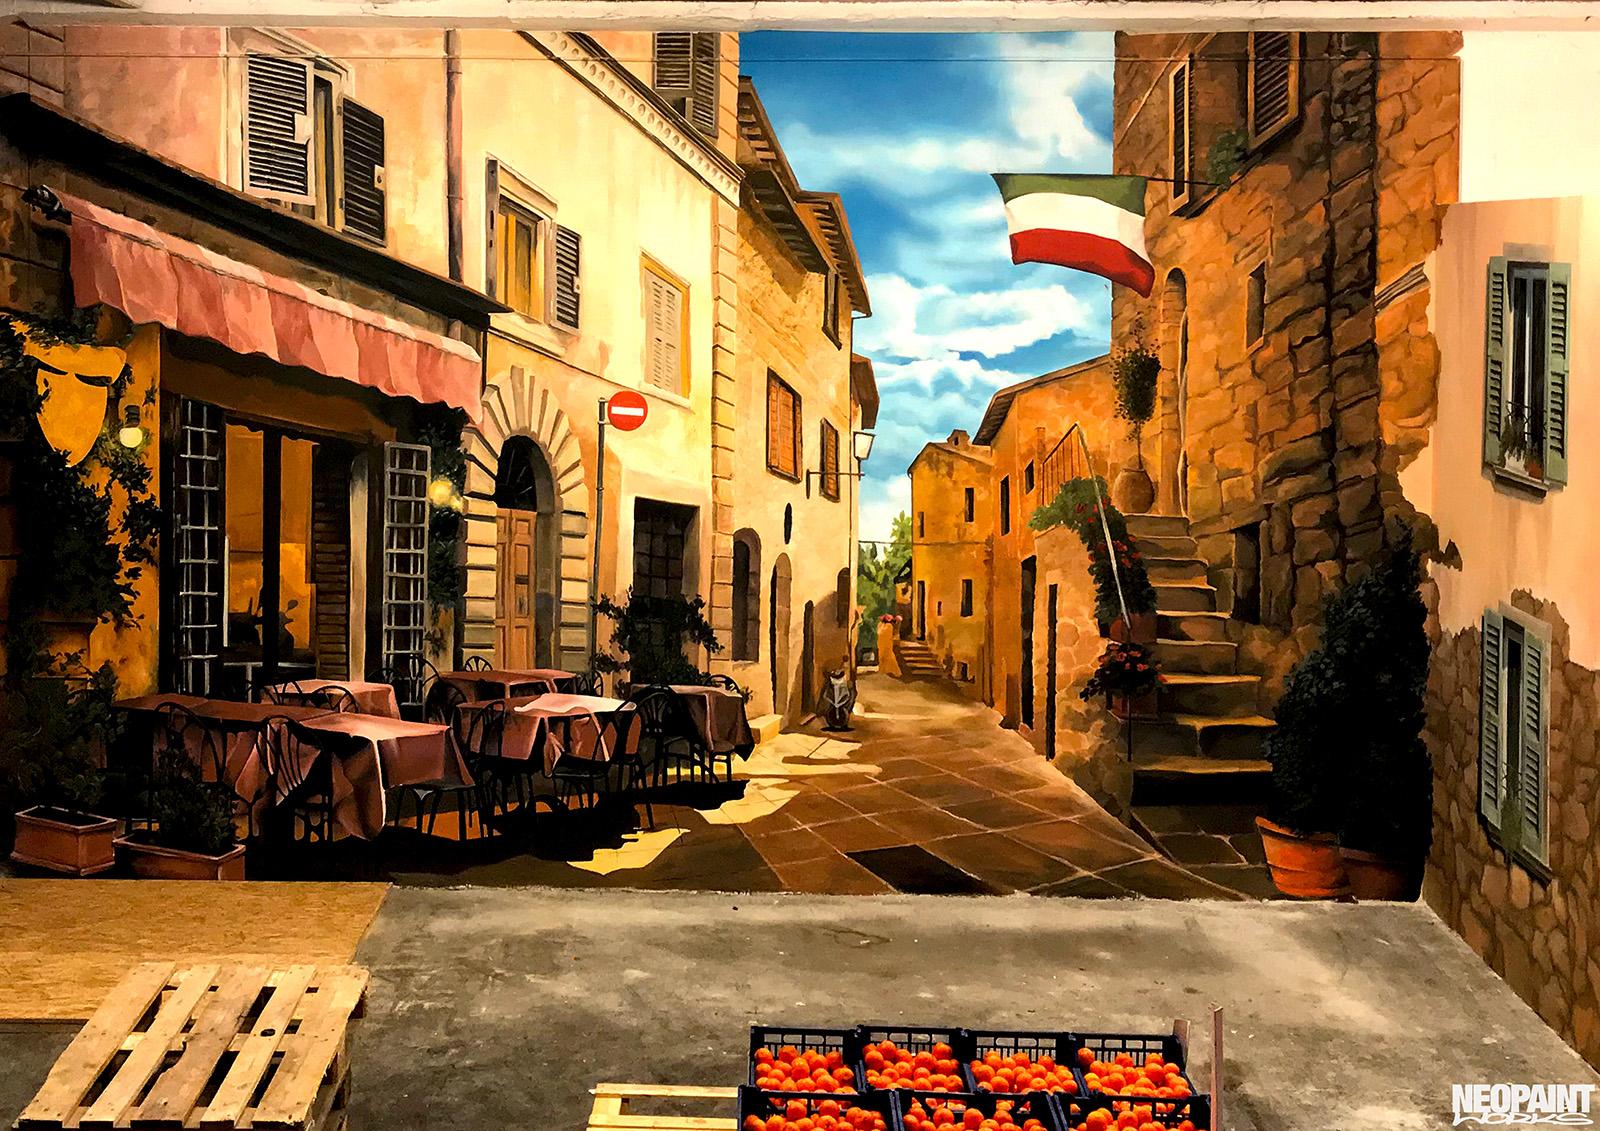 épületfestés - dekoráció - falfestmény - neopaint works (3)